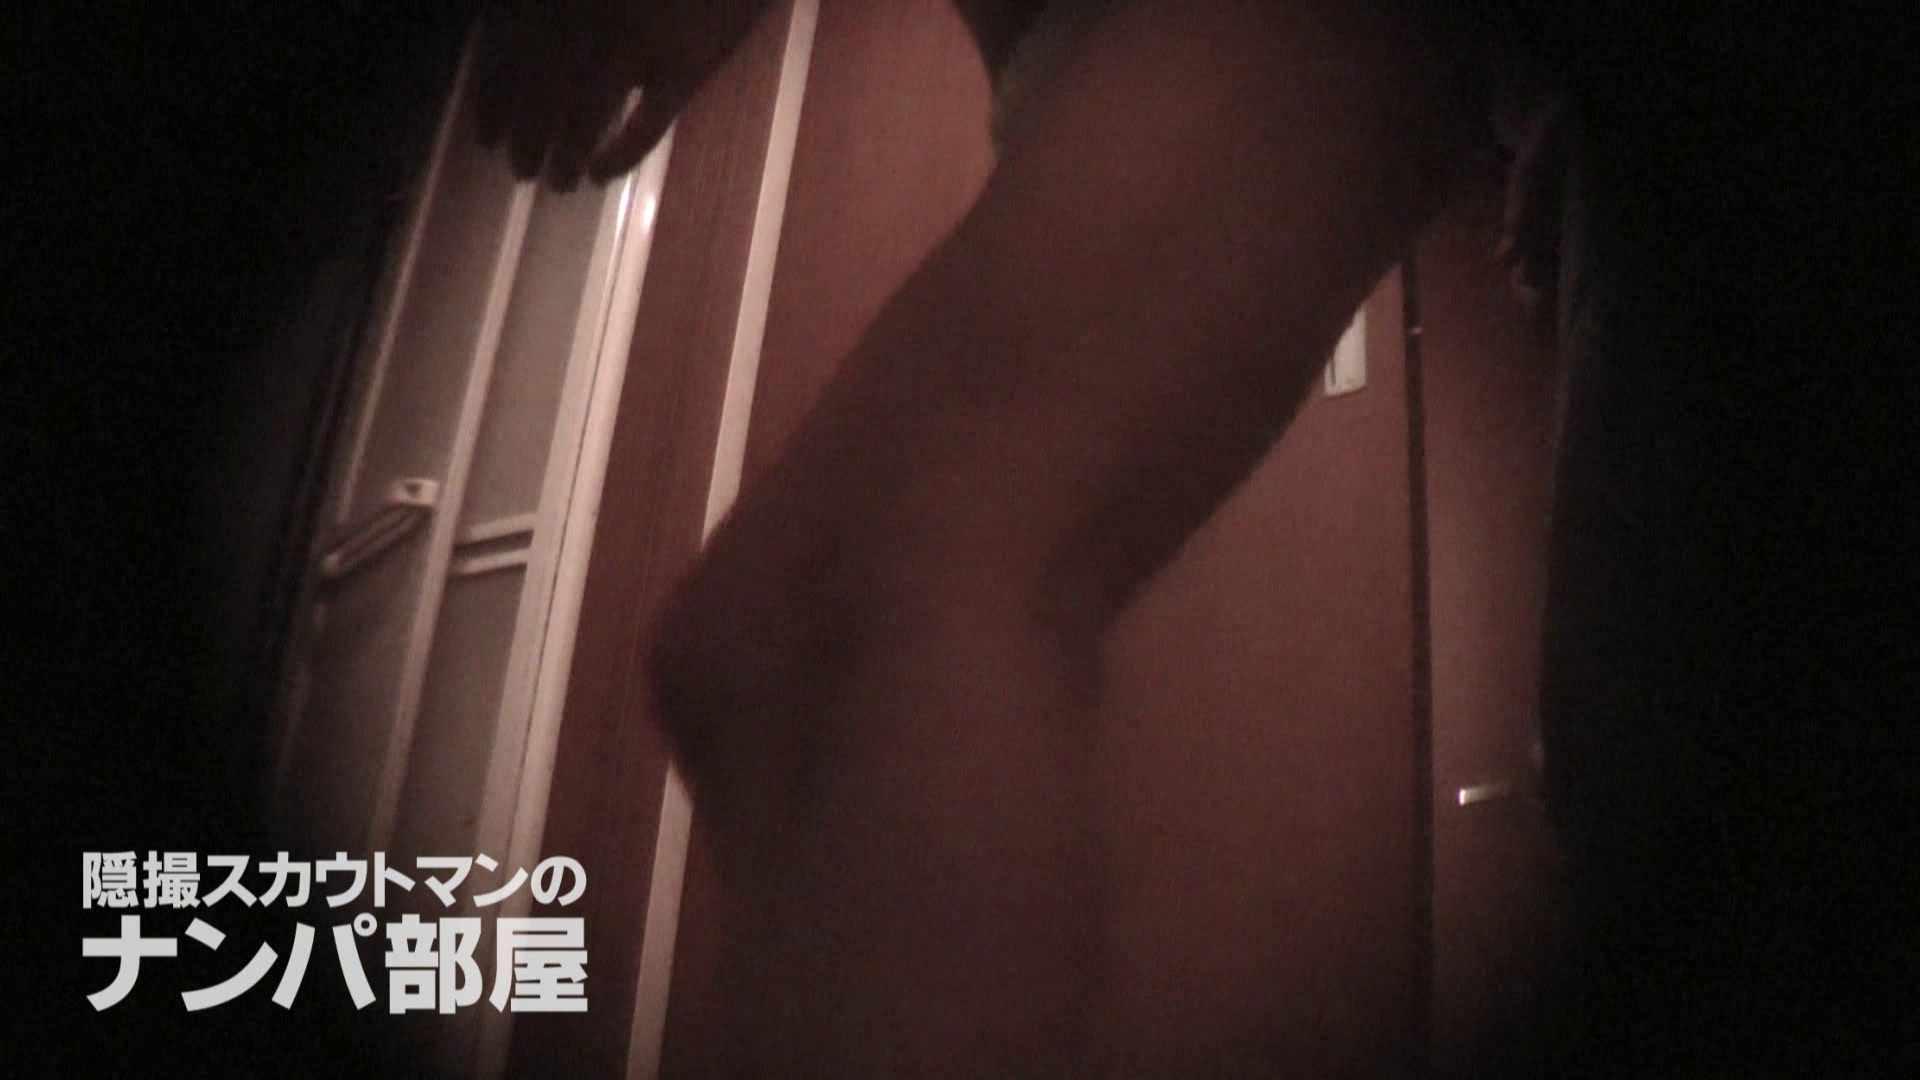 隠撮スカウトマンのナンパ部屋~風俗デビュー前のつまみ食い~ sii 隠撮  94pic 36